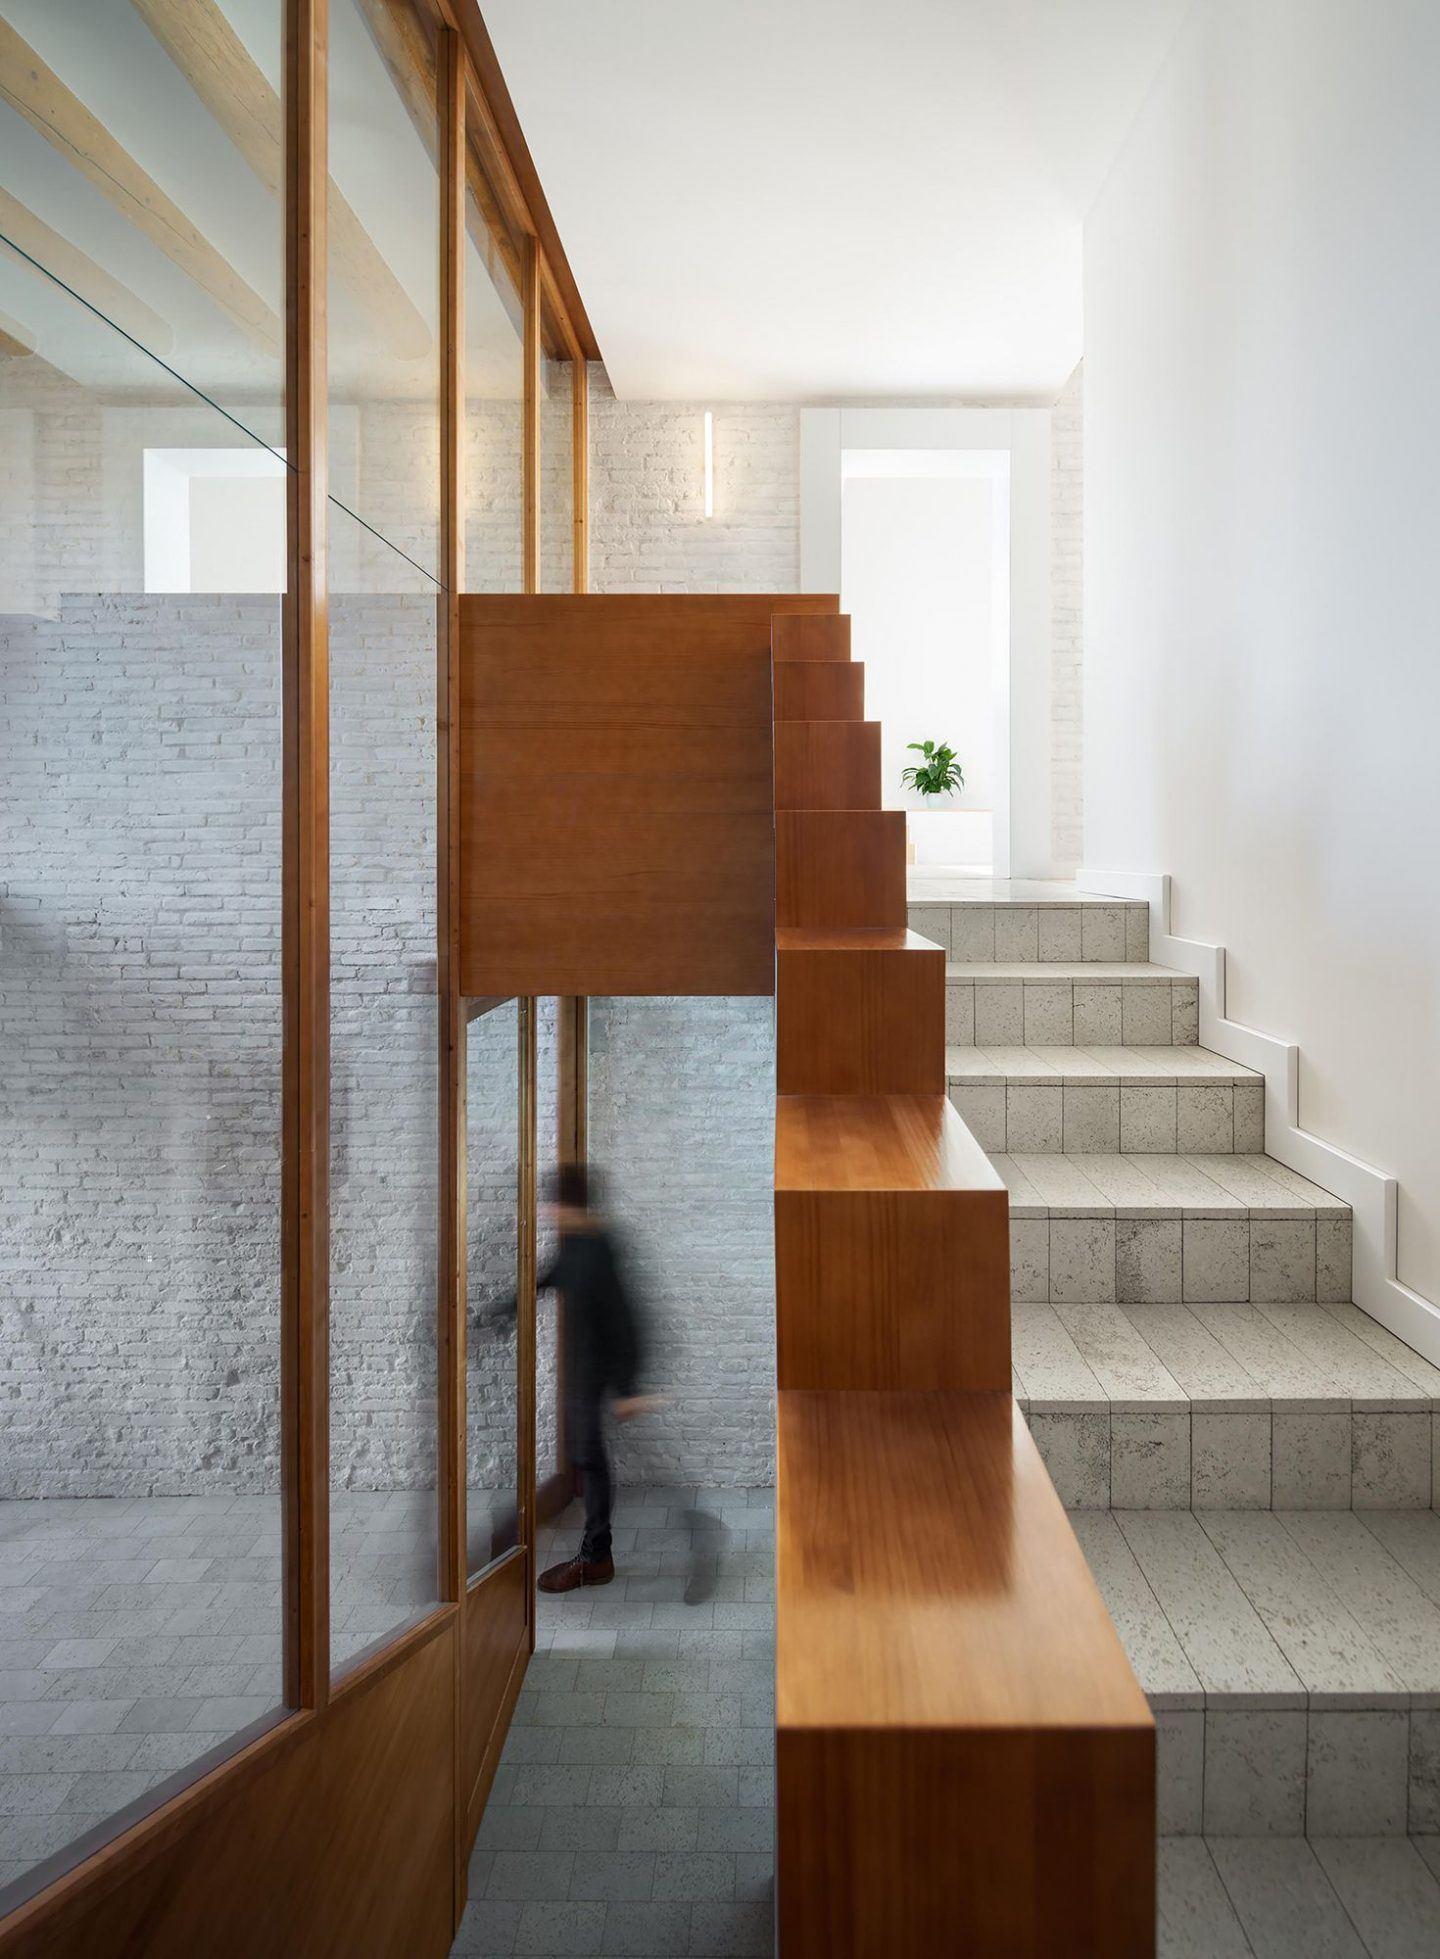 IGNANT-Architecture-Hiha-Studio-Cal-Jordianna-2